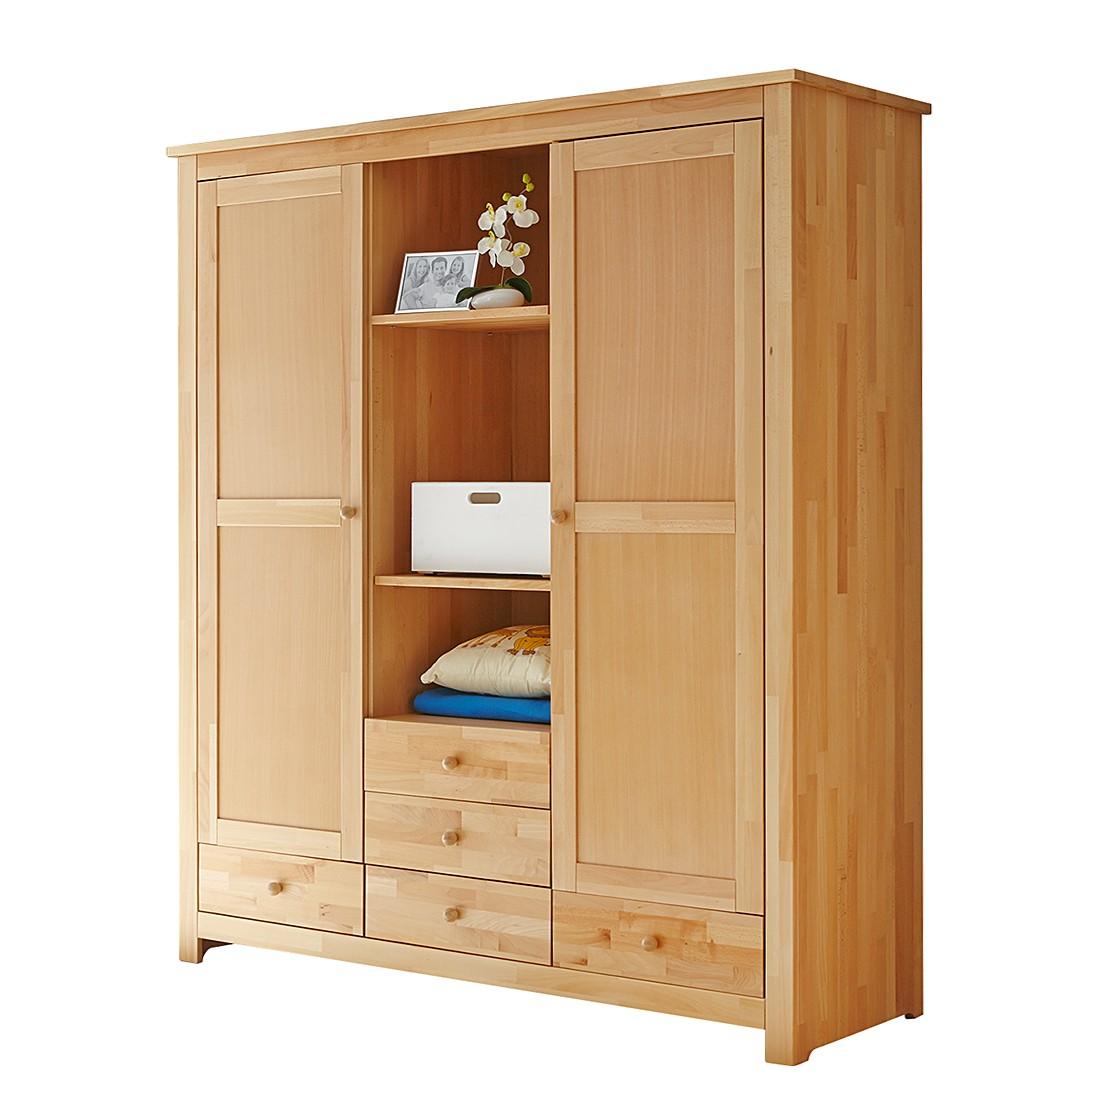 kleiderschrank buche massiv g nstig kaufen. Black Bedroom Furniture Sets. Home Design Ideas